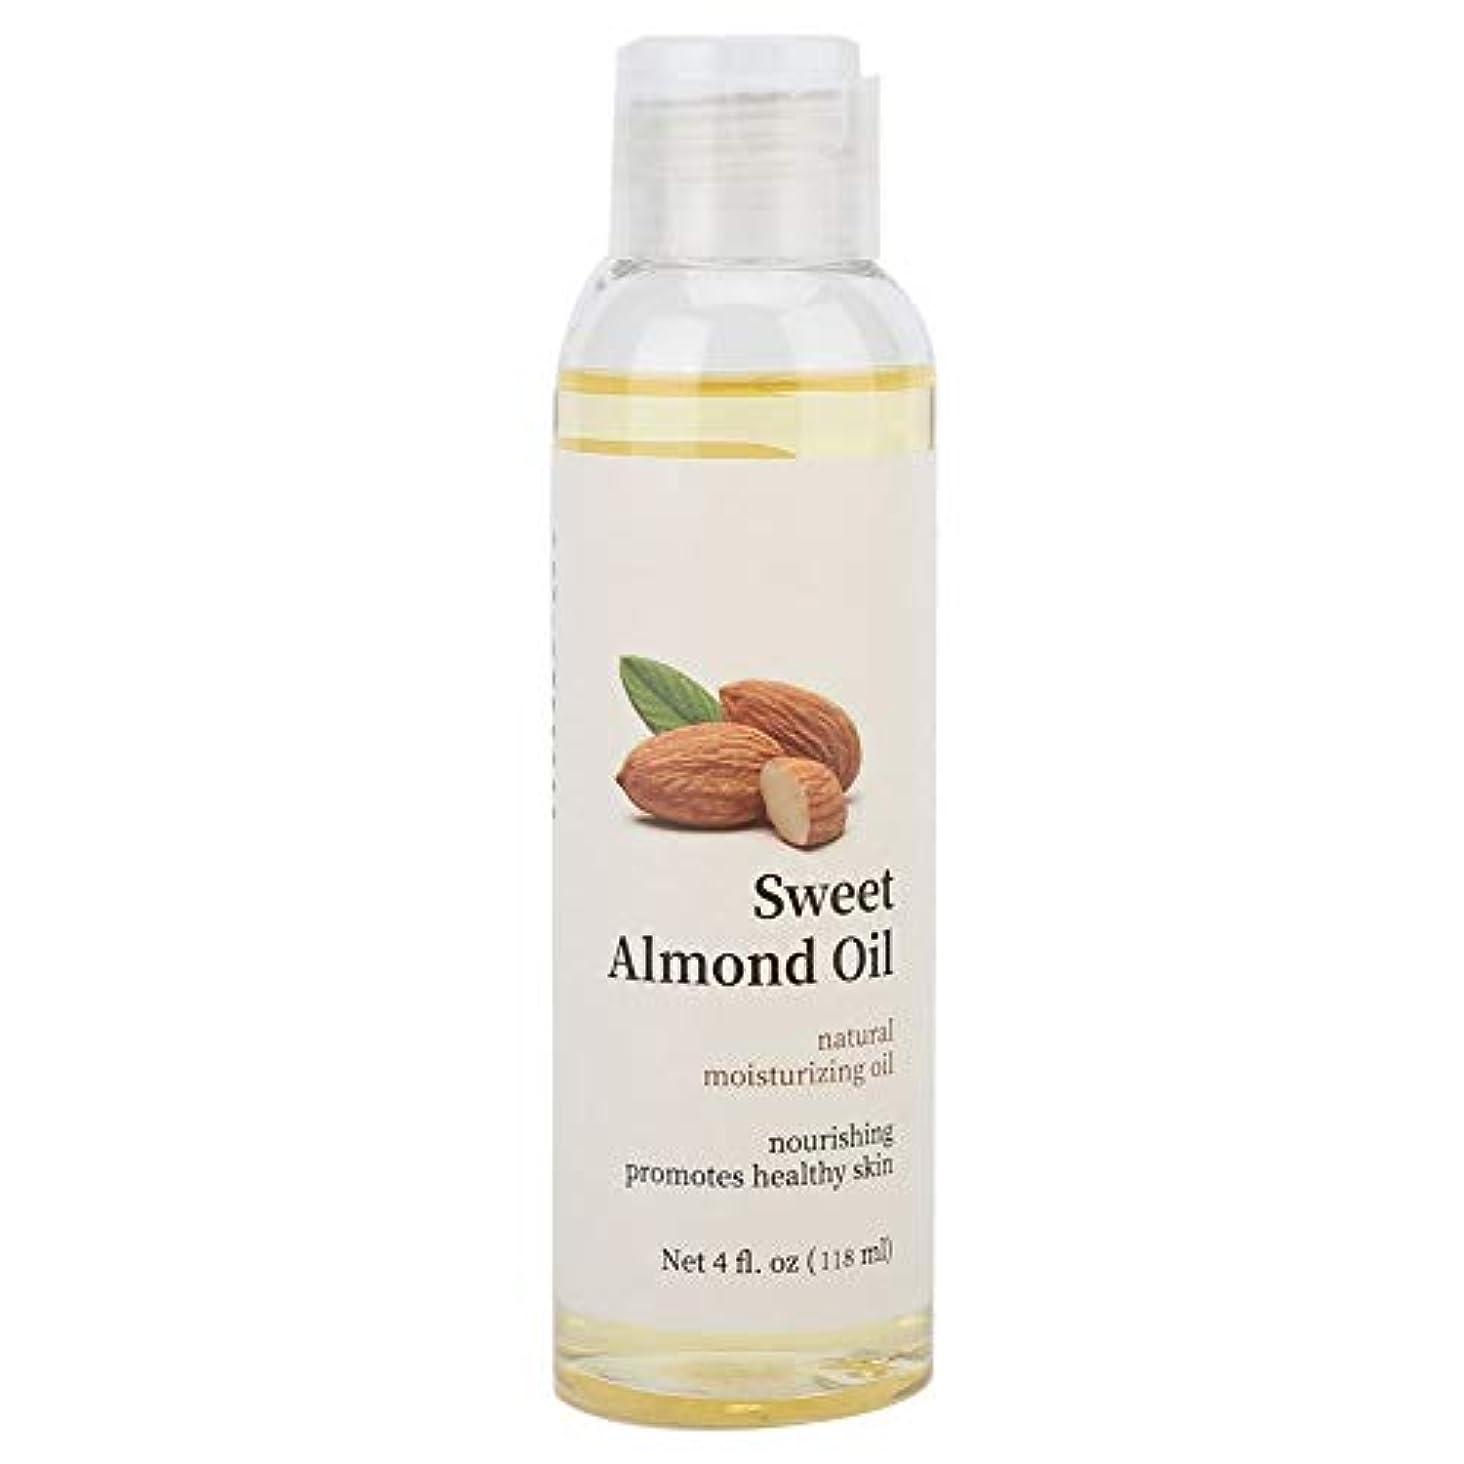 ワーム支出虹アーモンド ボディマッサージオイル、スキンケアエッセンシャルオイル保湿 スキンケアとヘアケアに最適、肌と顔の柔らかさ、男性と女性の両方に最適118ml